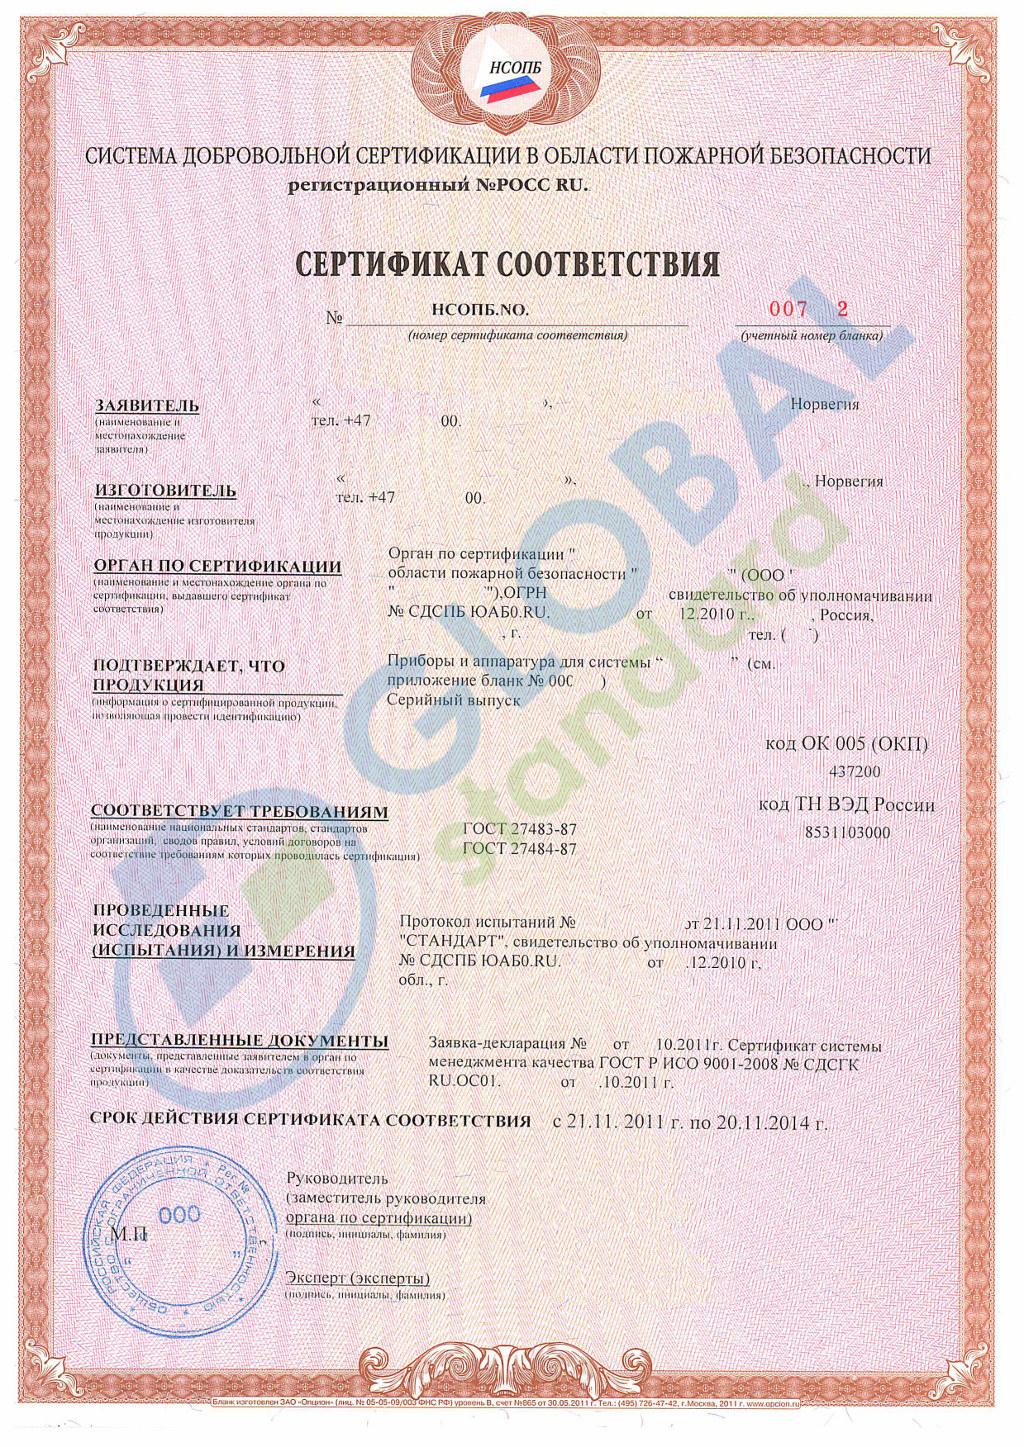 Бланк добровольного сертификата пожарной безопасности